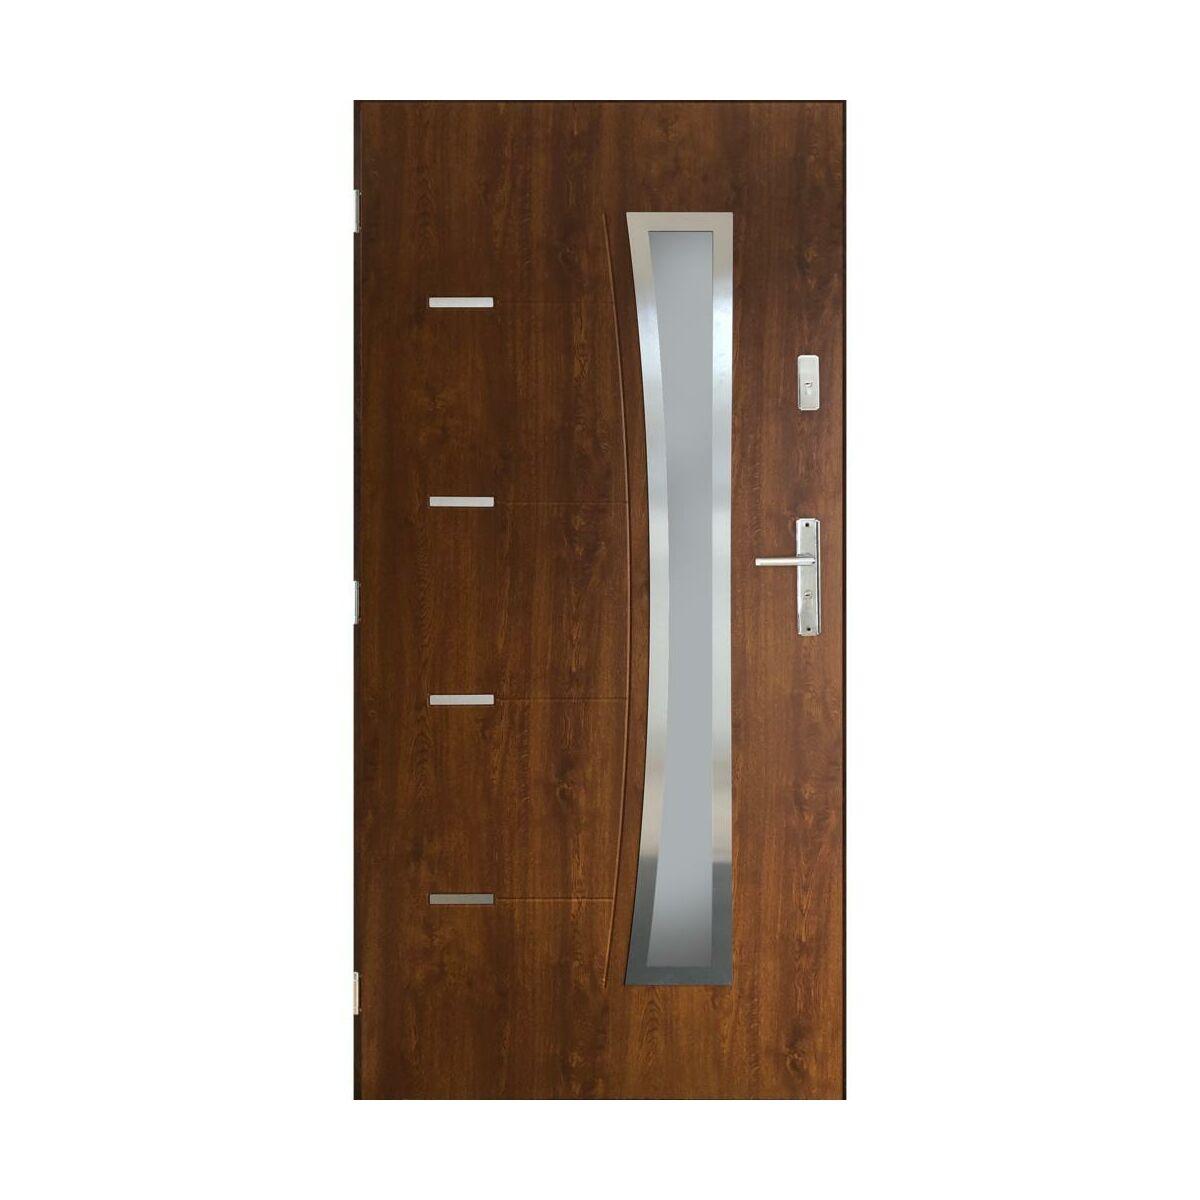 Drzwi Wejsciowe Lyon Orzech 90 Lewe Pantor Drzwi Wejsciowe Do Domu Mieszkania W Atrakcyjnej Cenie W Sklepach Leroy Merlin